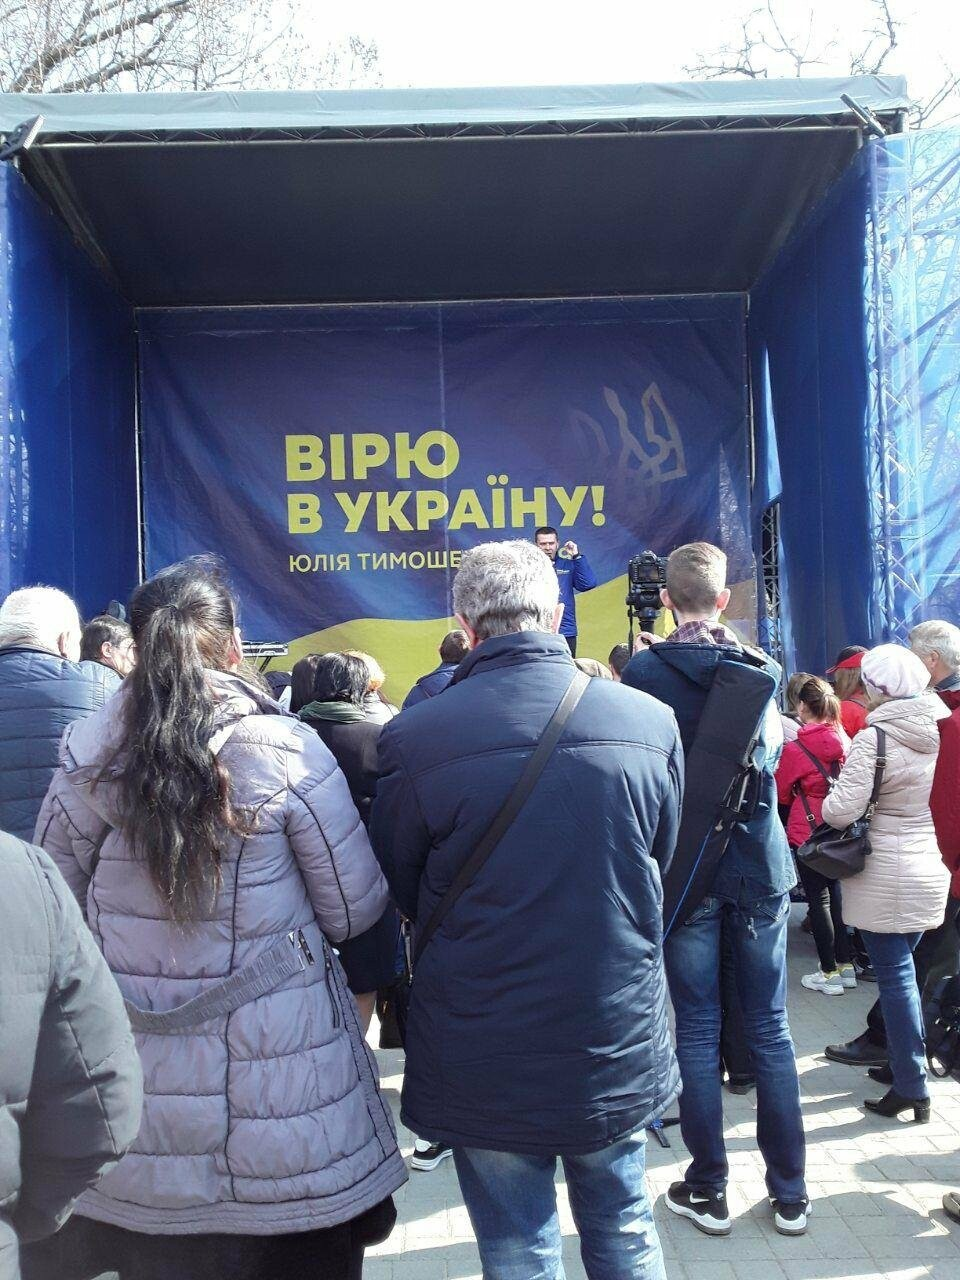 У Вознесенську відбувся концерт Анастасії Приходько, - ФОТО, фото-1